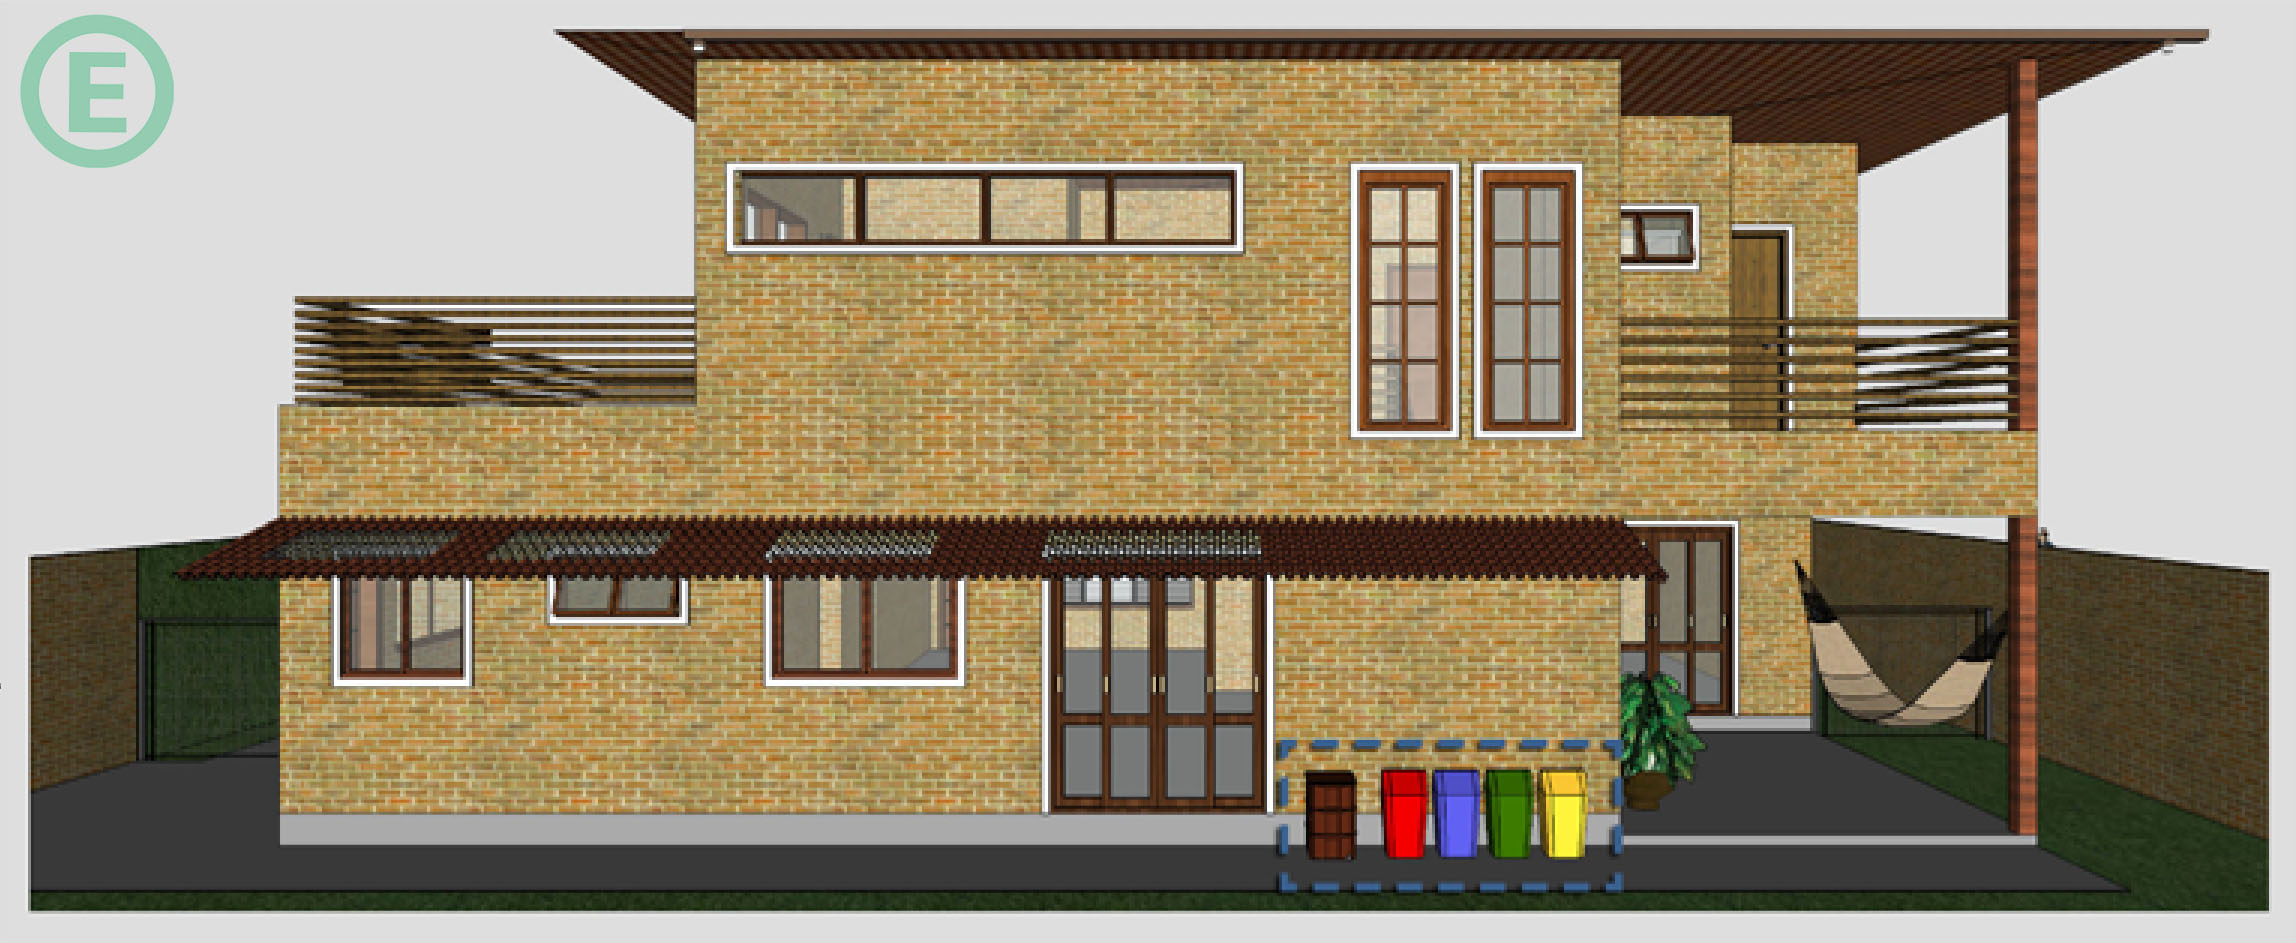 arquitetura-sustentavel-coleta-seletiva